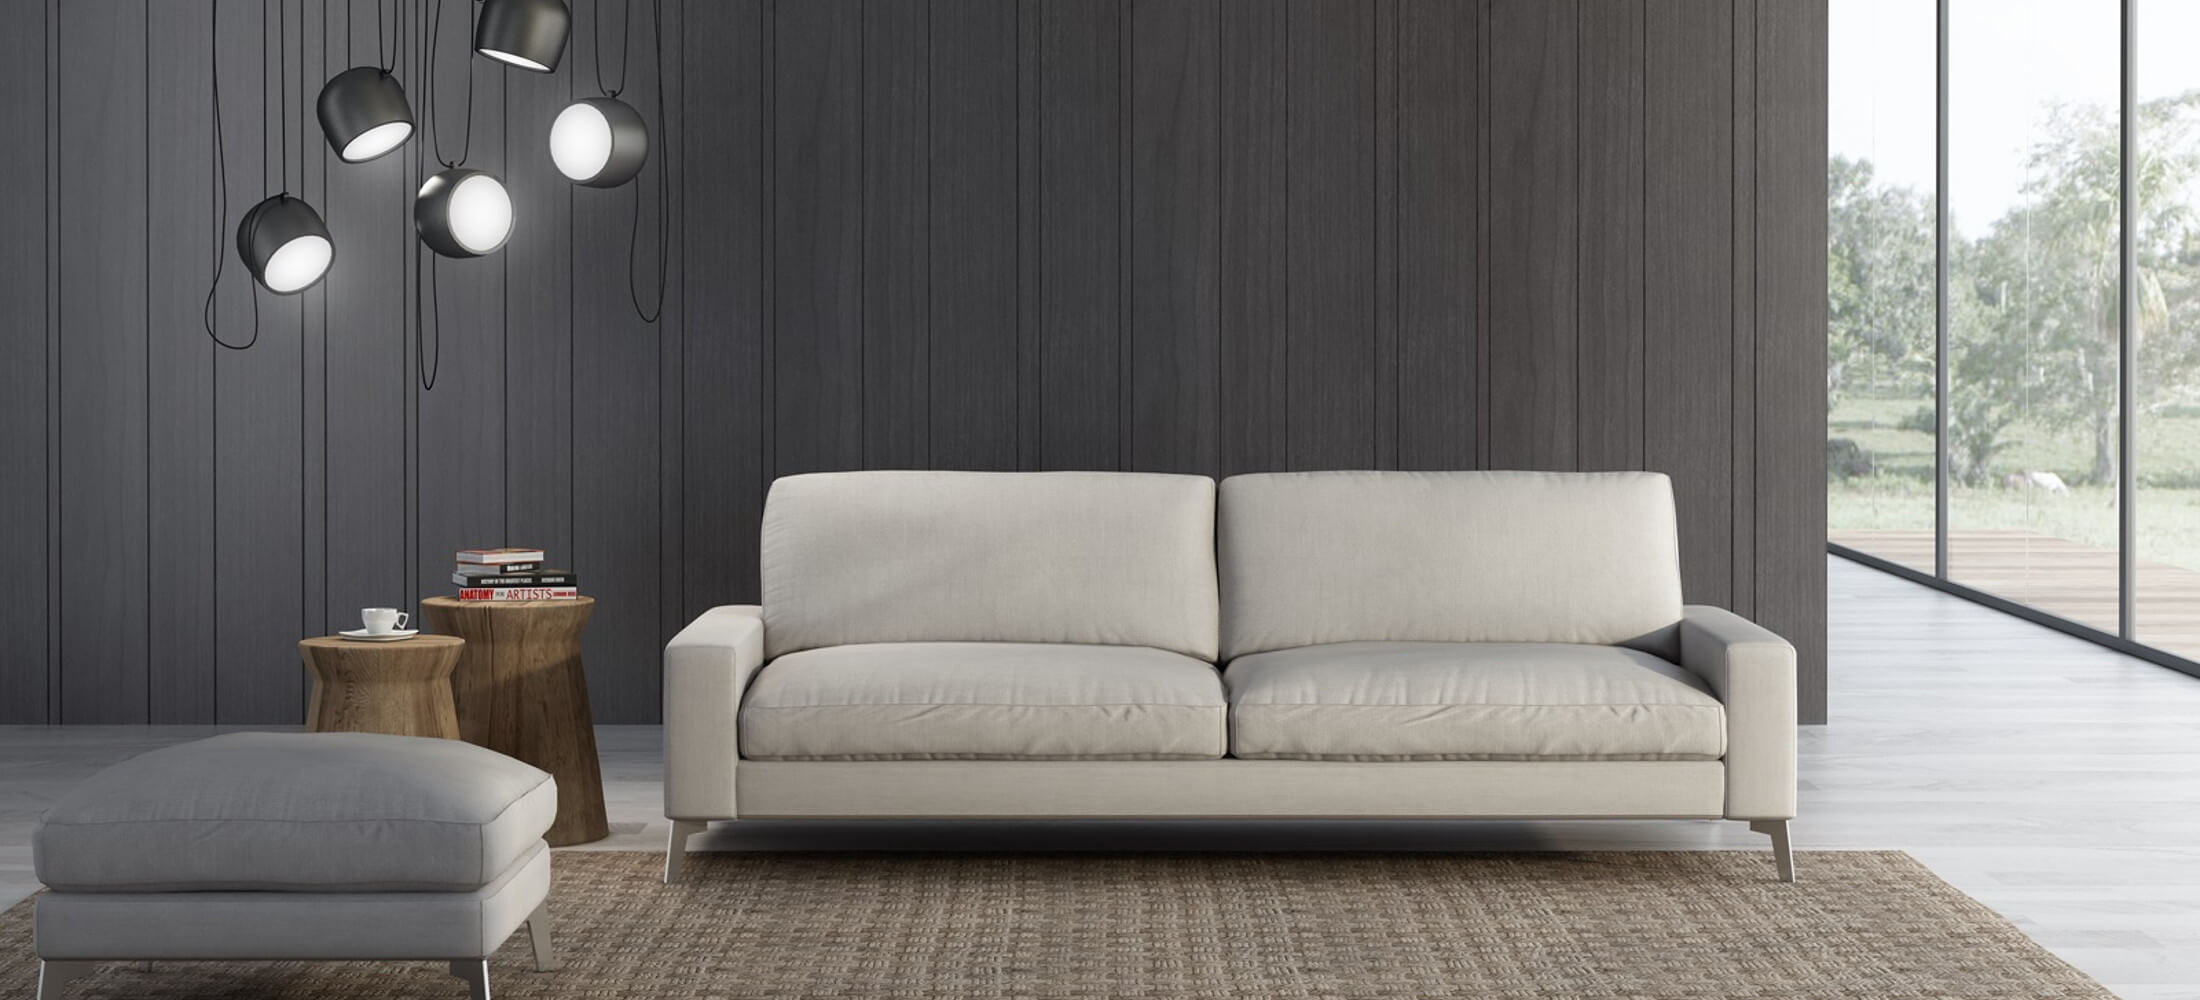 sofa-zow-moradillo